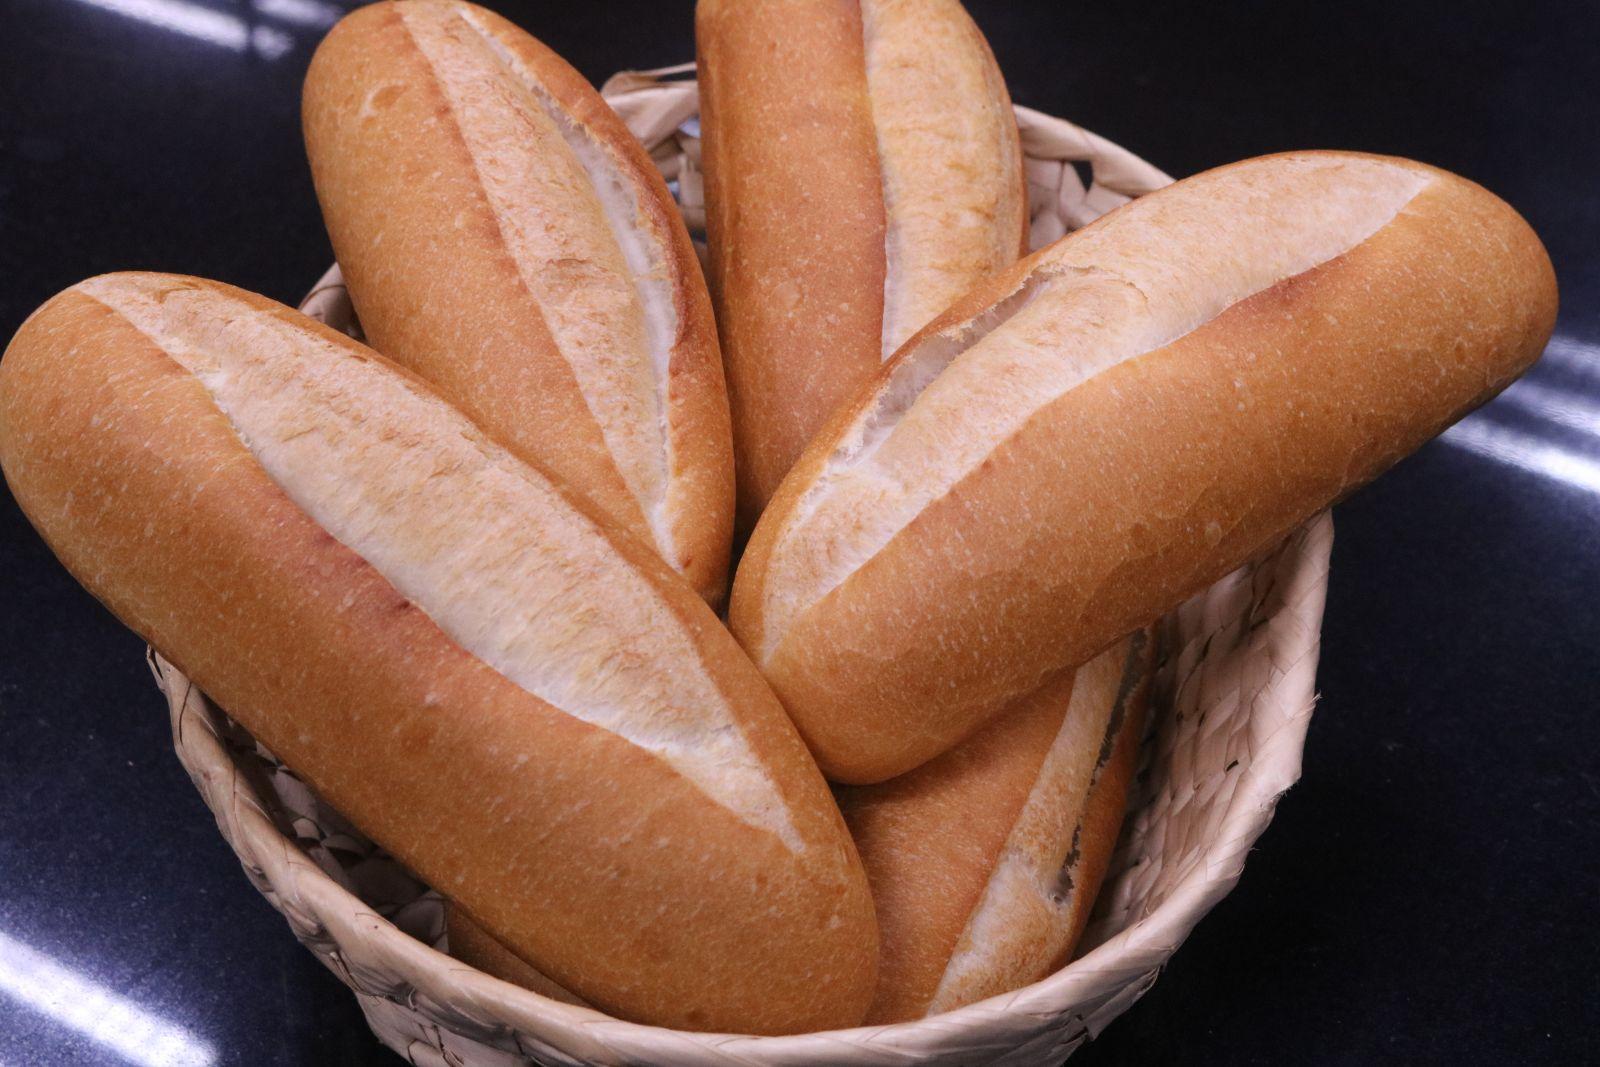 TP. Cần Thơ: Địa phương đầu tiên có văn bản nêu rõ bánh mỳ là thực phẩm